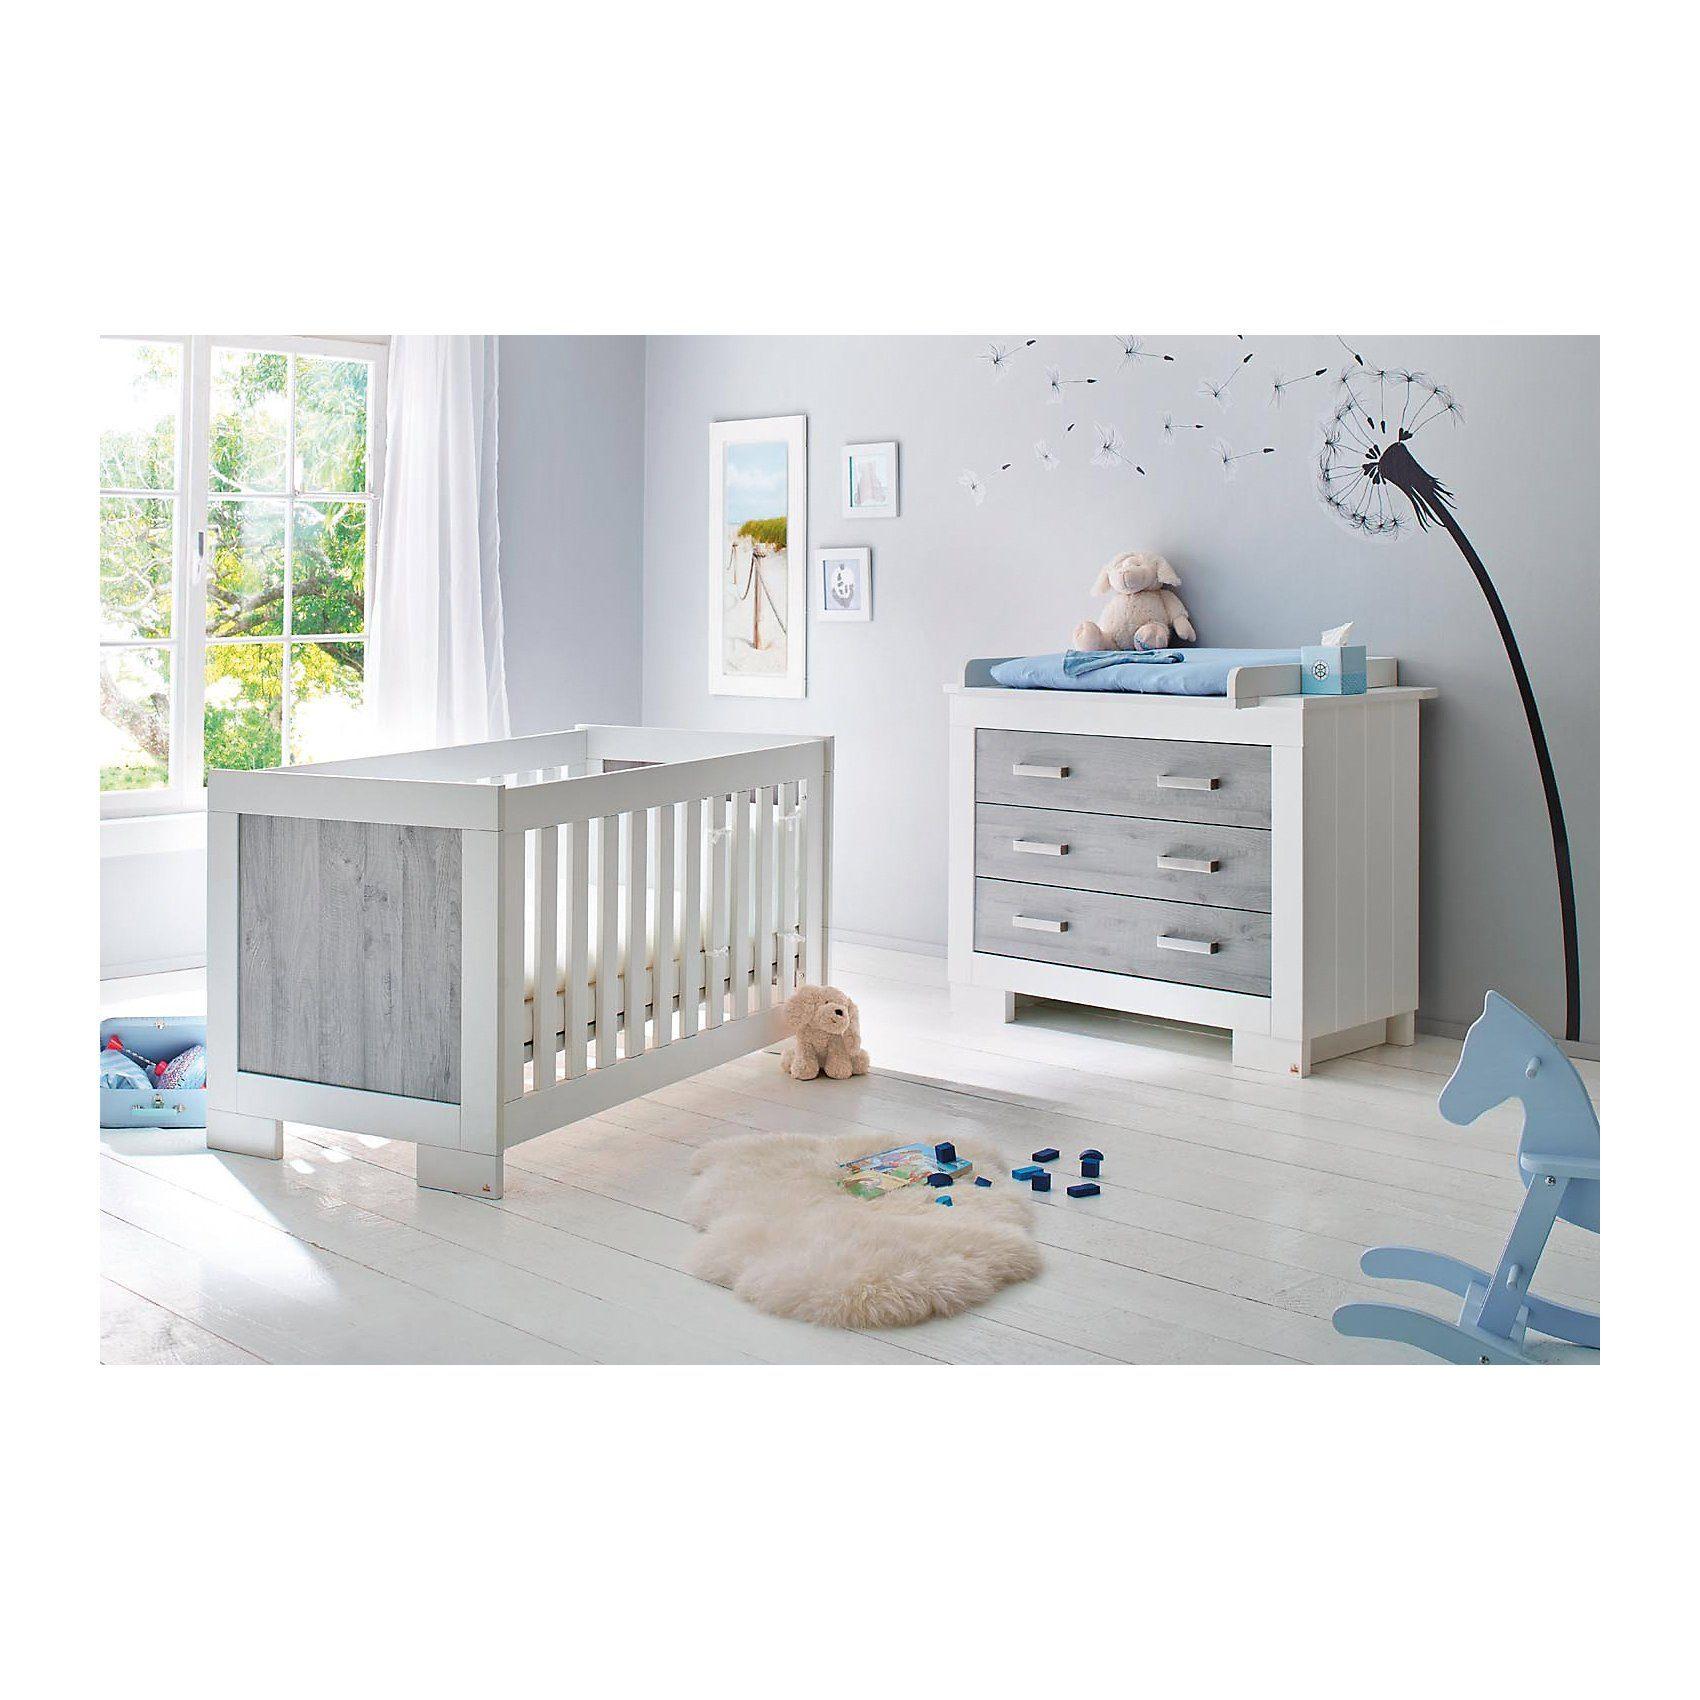 Pinolino Sparset LOLLE, (Kinderbett und Wickelkommode), Esche grau